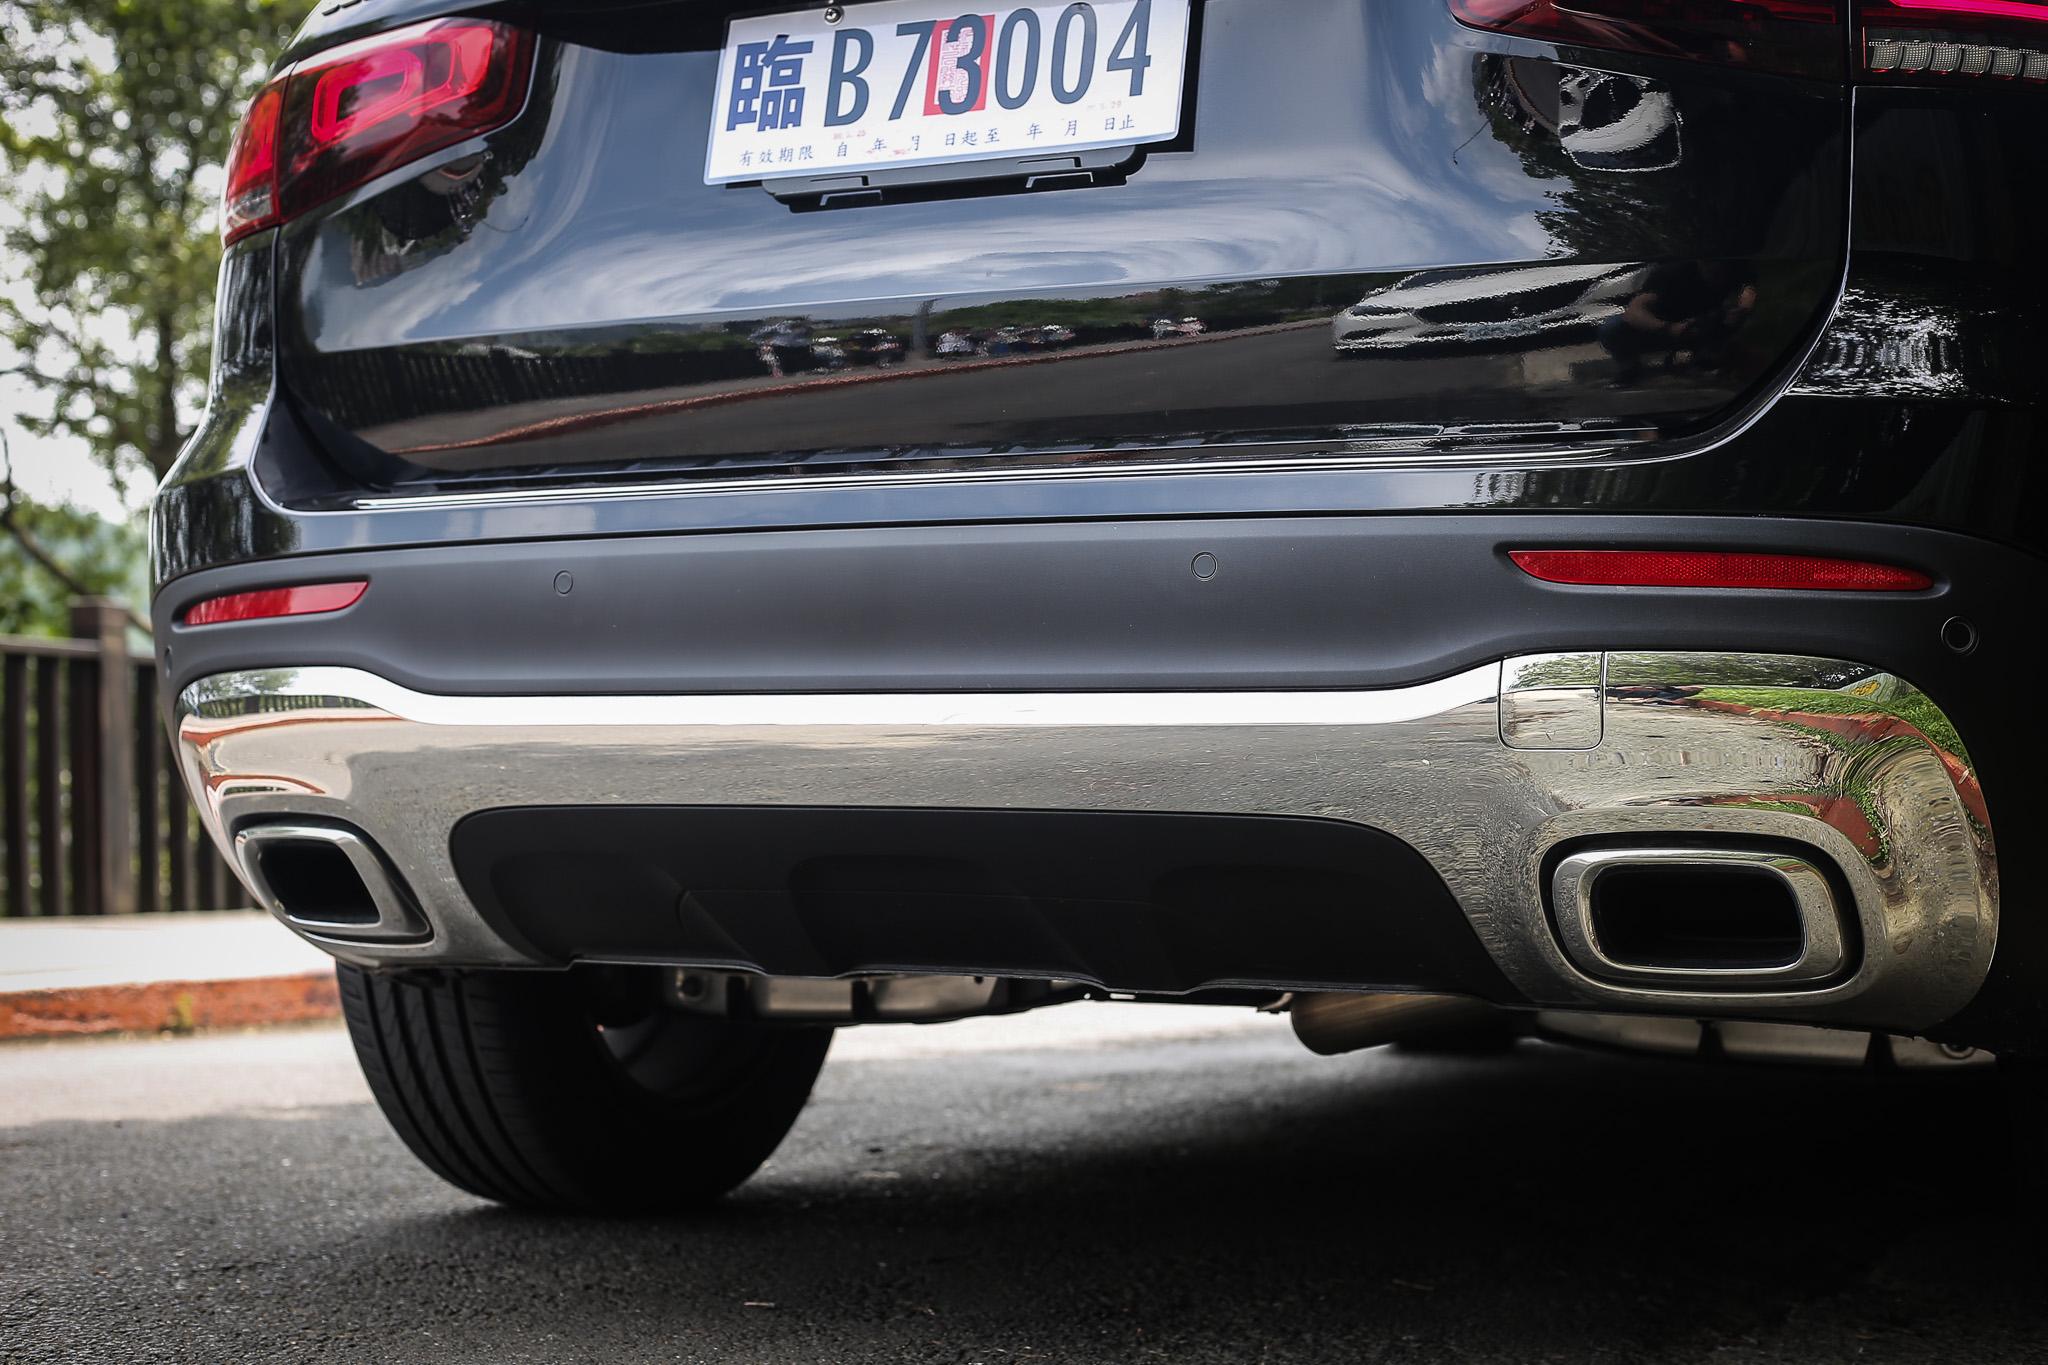 雙側鍍鉻排氣尾飾管為 GLB 車系除了 AMG 車款以外的標配。